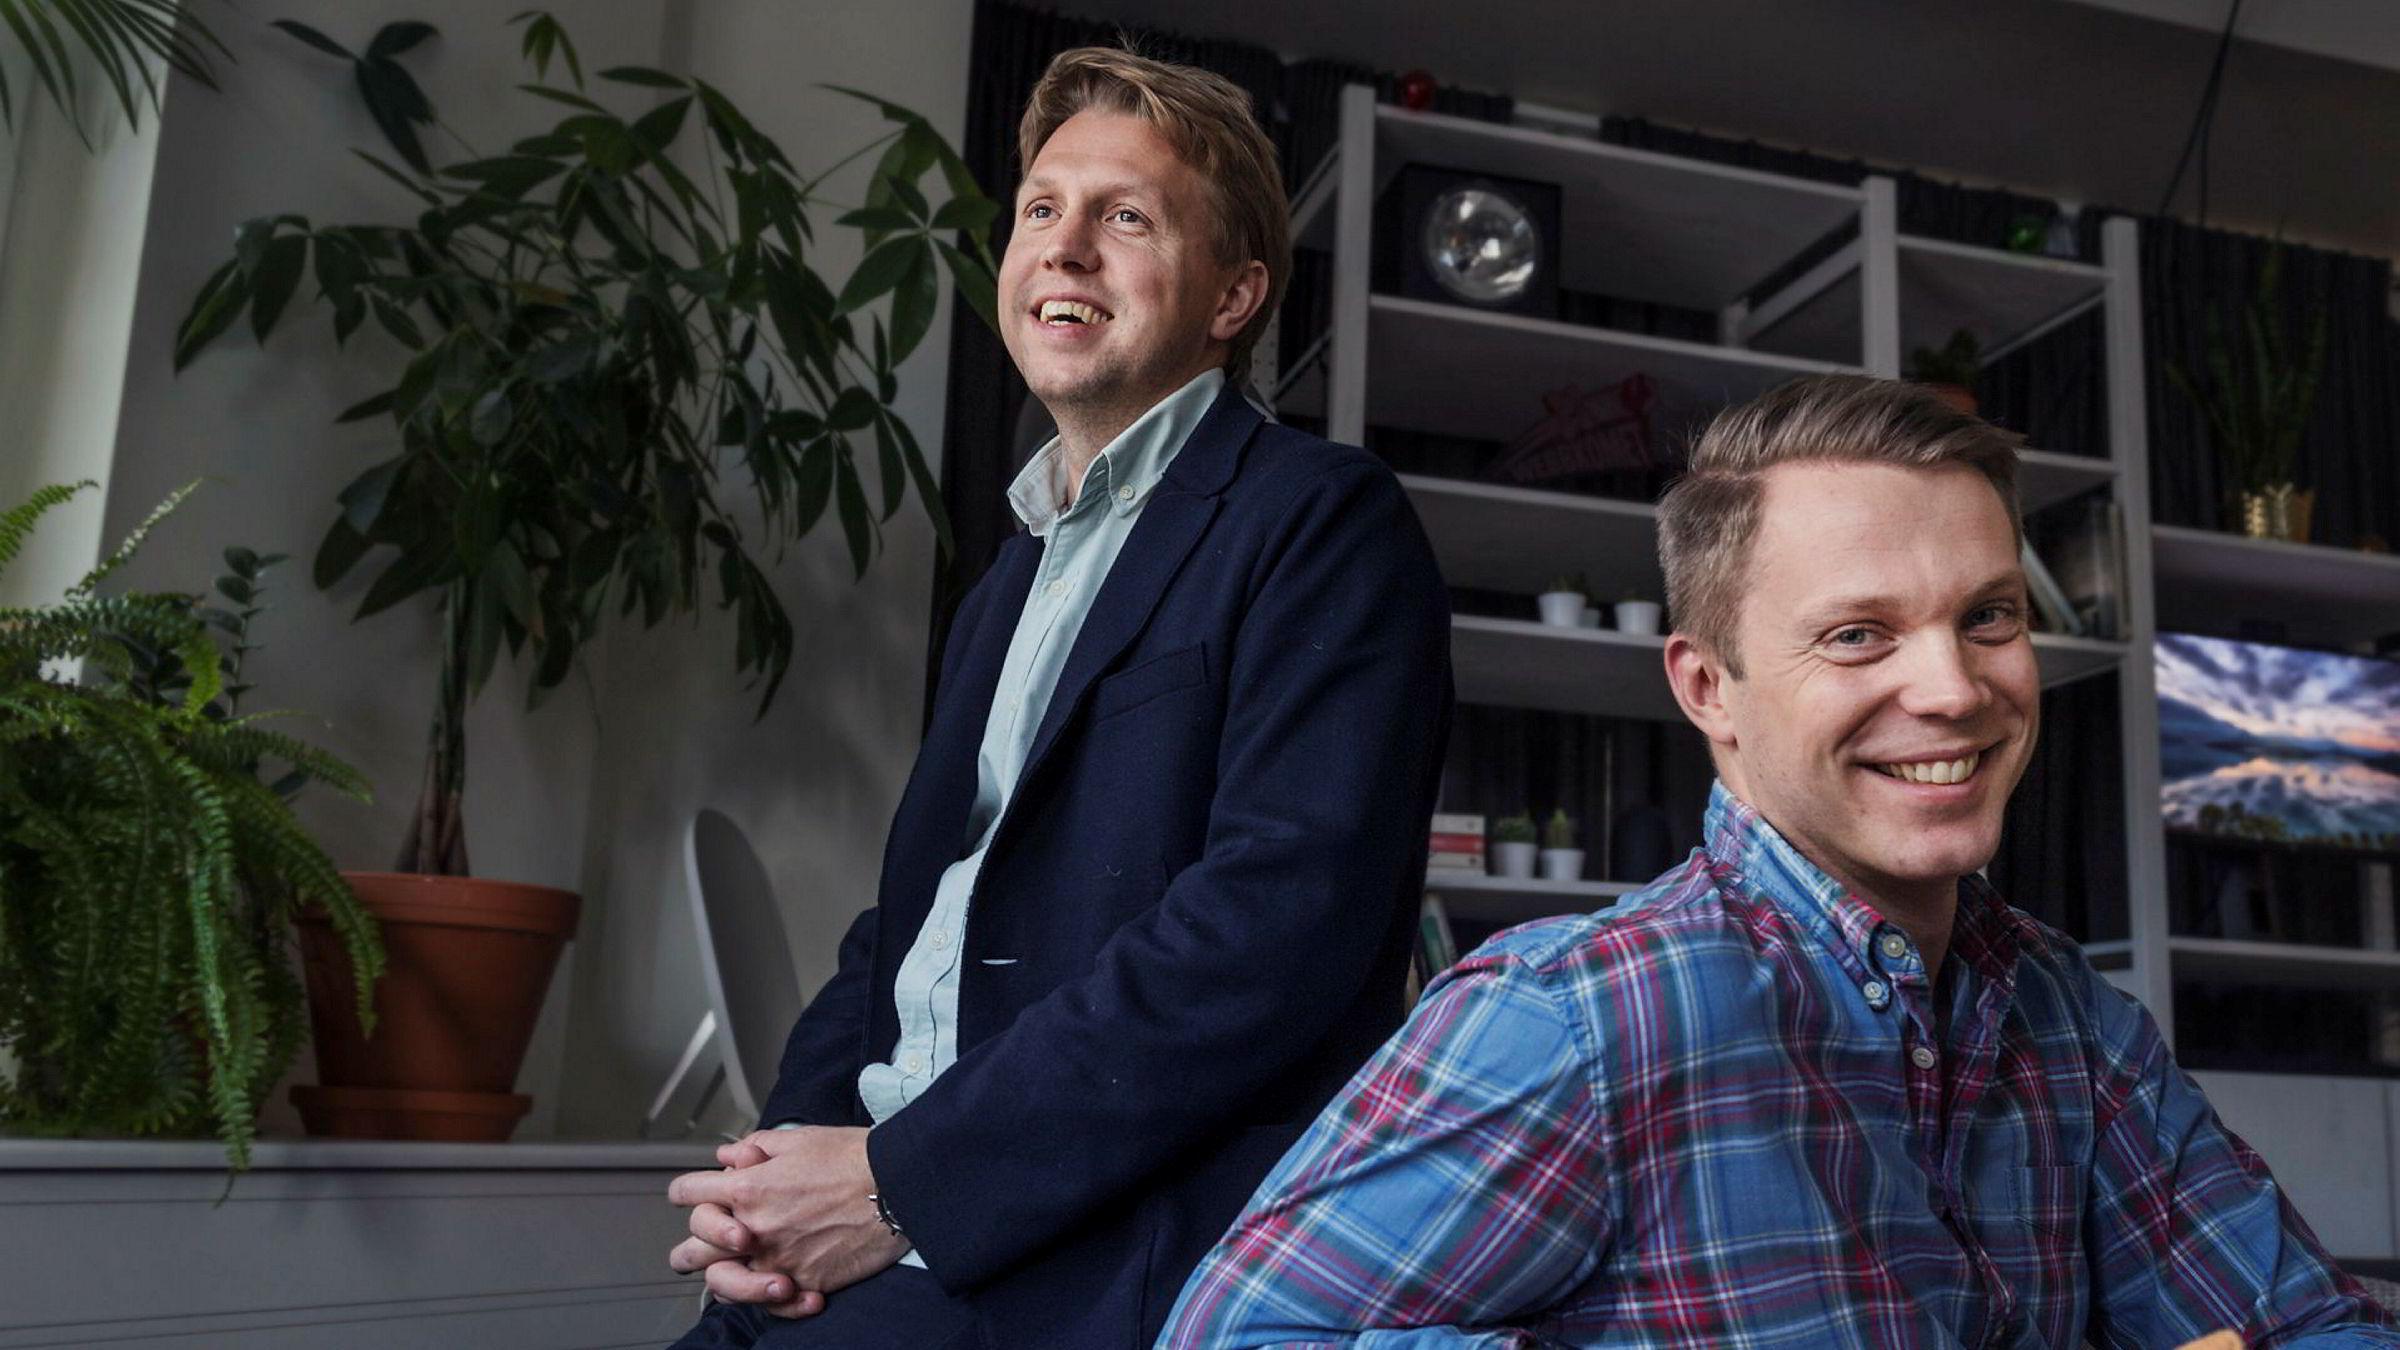 Gründerne Daniel Kjellén (til venstre) og Fredrik Hedberg vil dele sin omfattende teknologiplattform med nordiske konkurrenter og gründerselskaper.